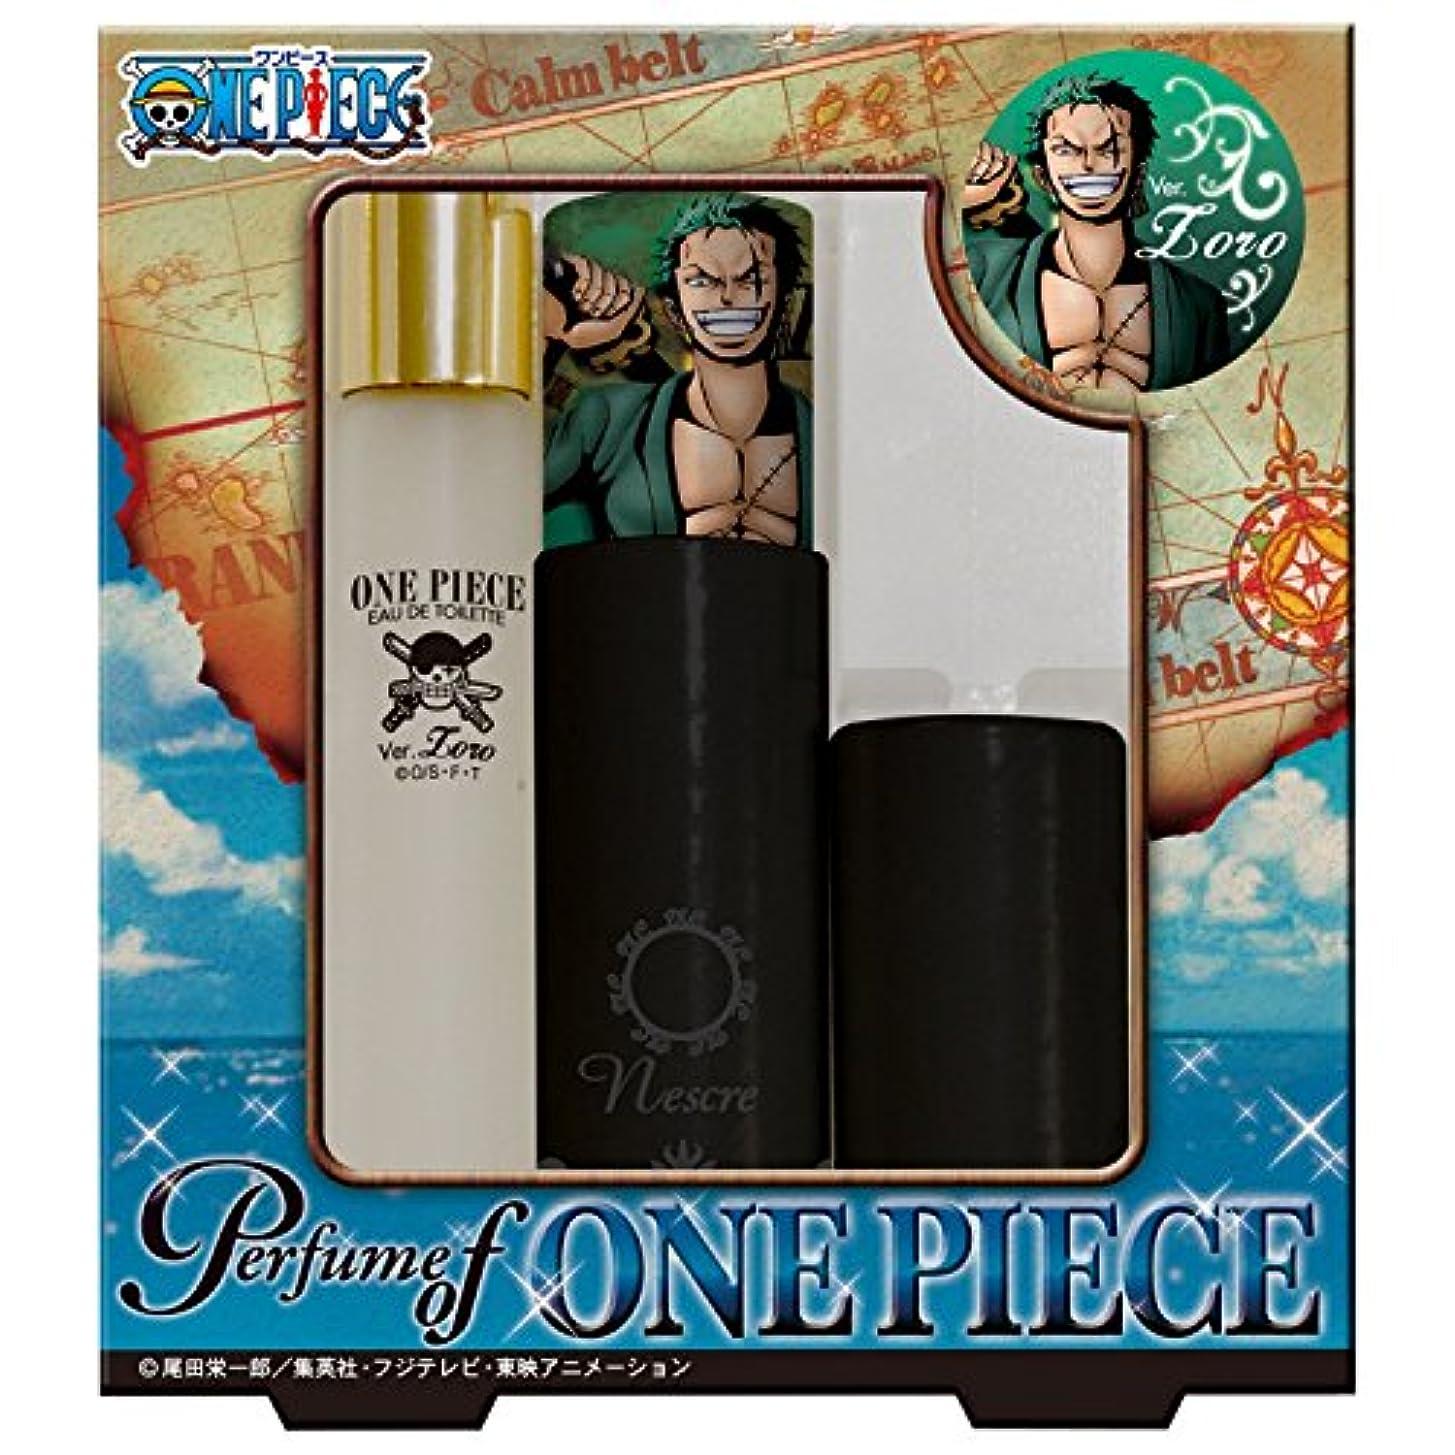 入口相対サイズ狂気NESCRE Perfume of ONEPIECE Ver.Zoro 15mL 専用バッグインケース付 日本製